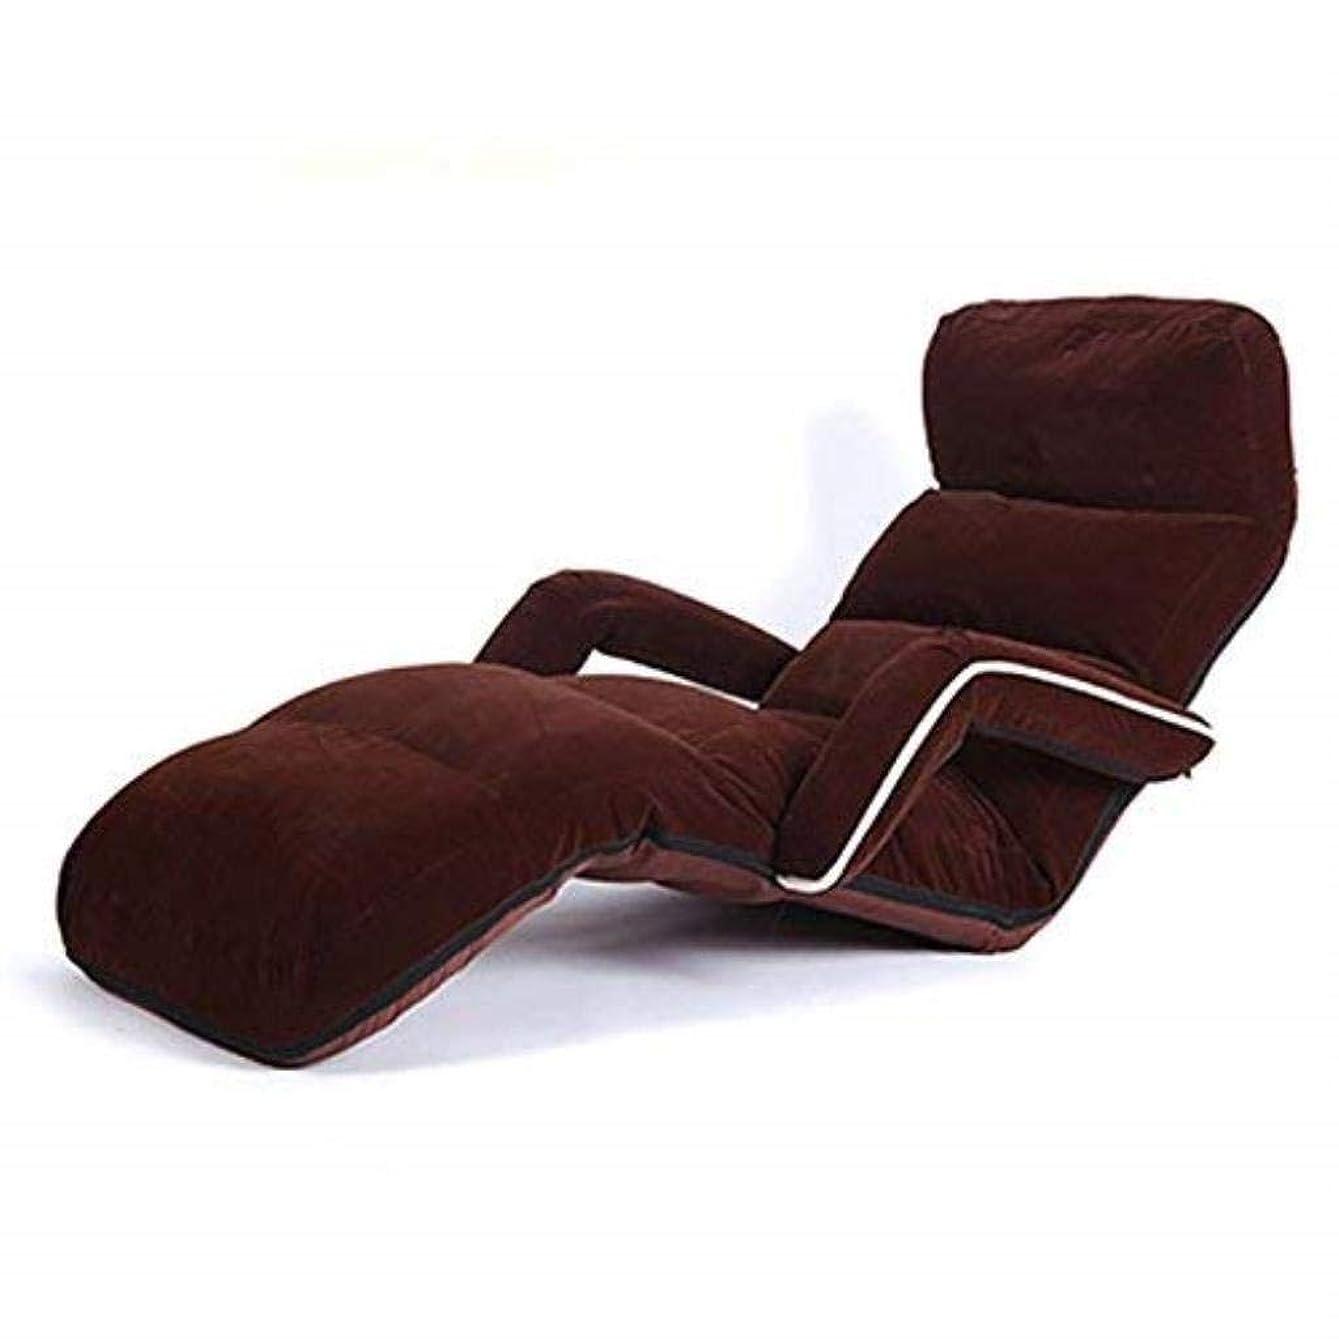 派生するほのかペチコートアームレスト付き畳ベッドパッド入りの椅子で怠惰なソファー、スエード張り出し窓/寮シングルフロアソファ、ナップラウンジチェア、折り畳み式 (Color : 5#)